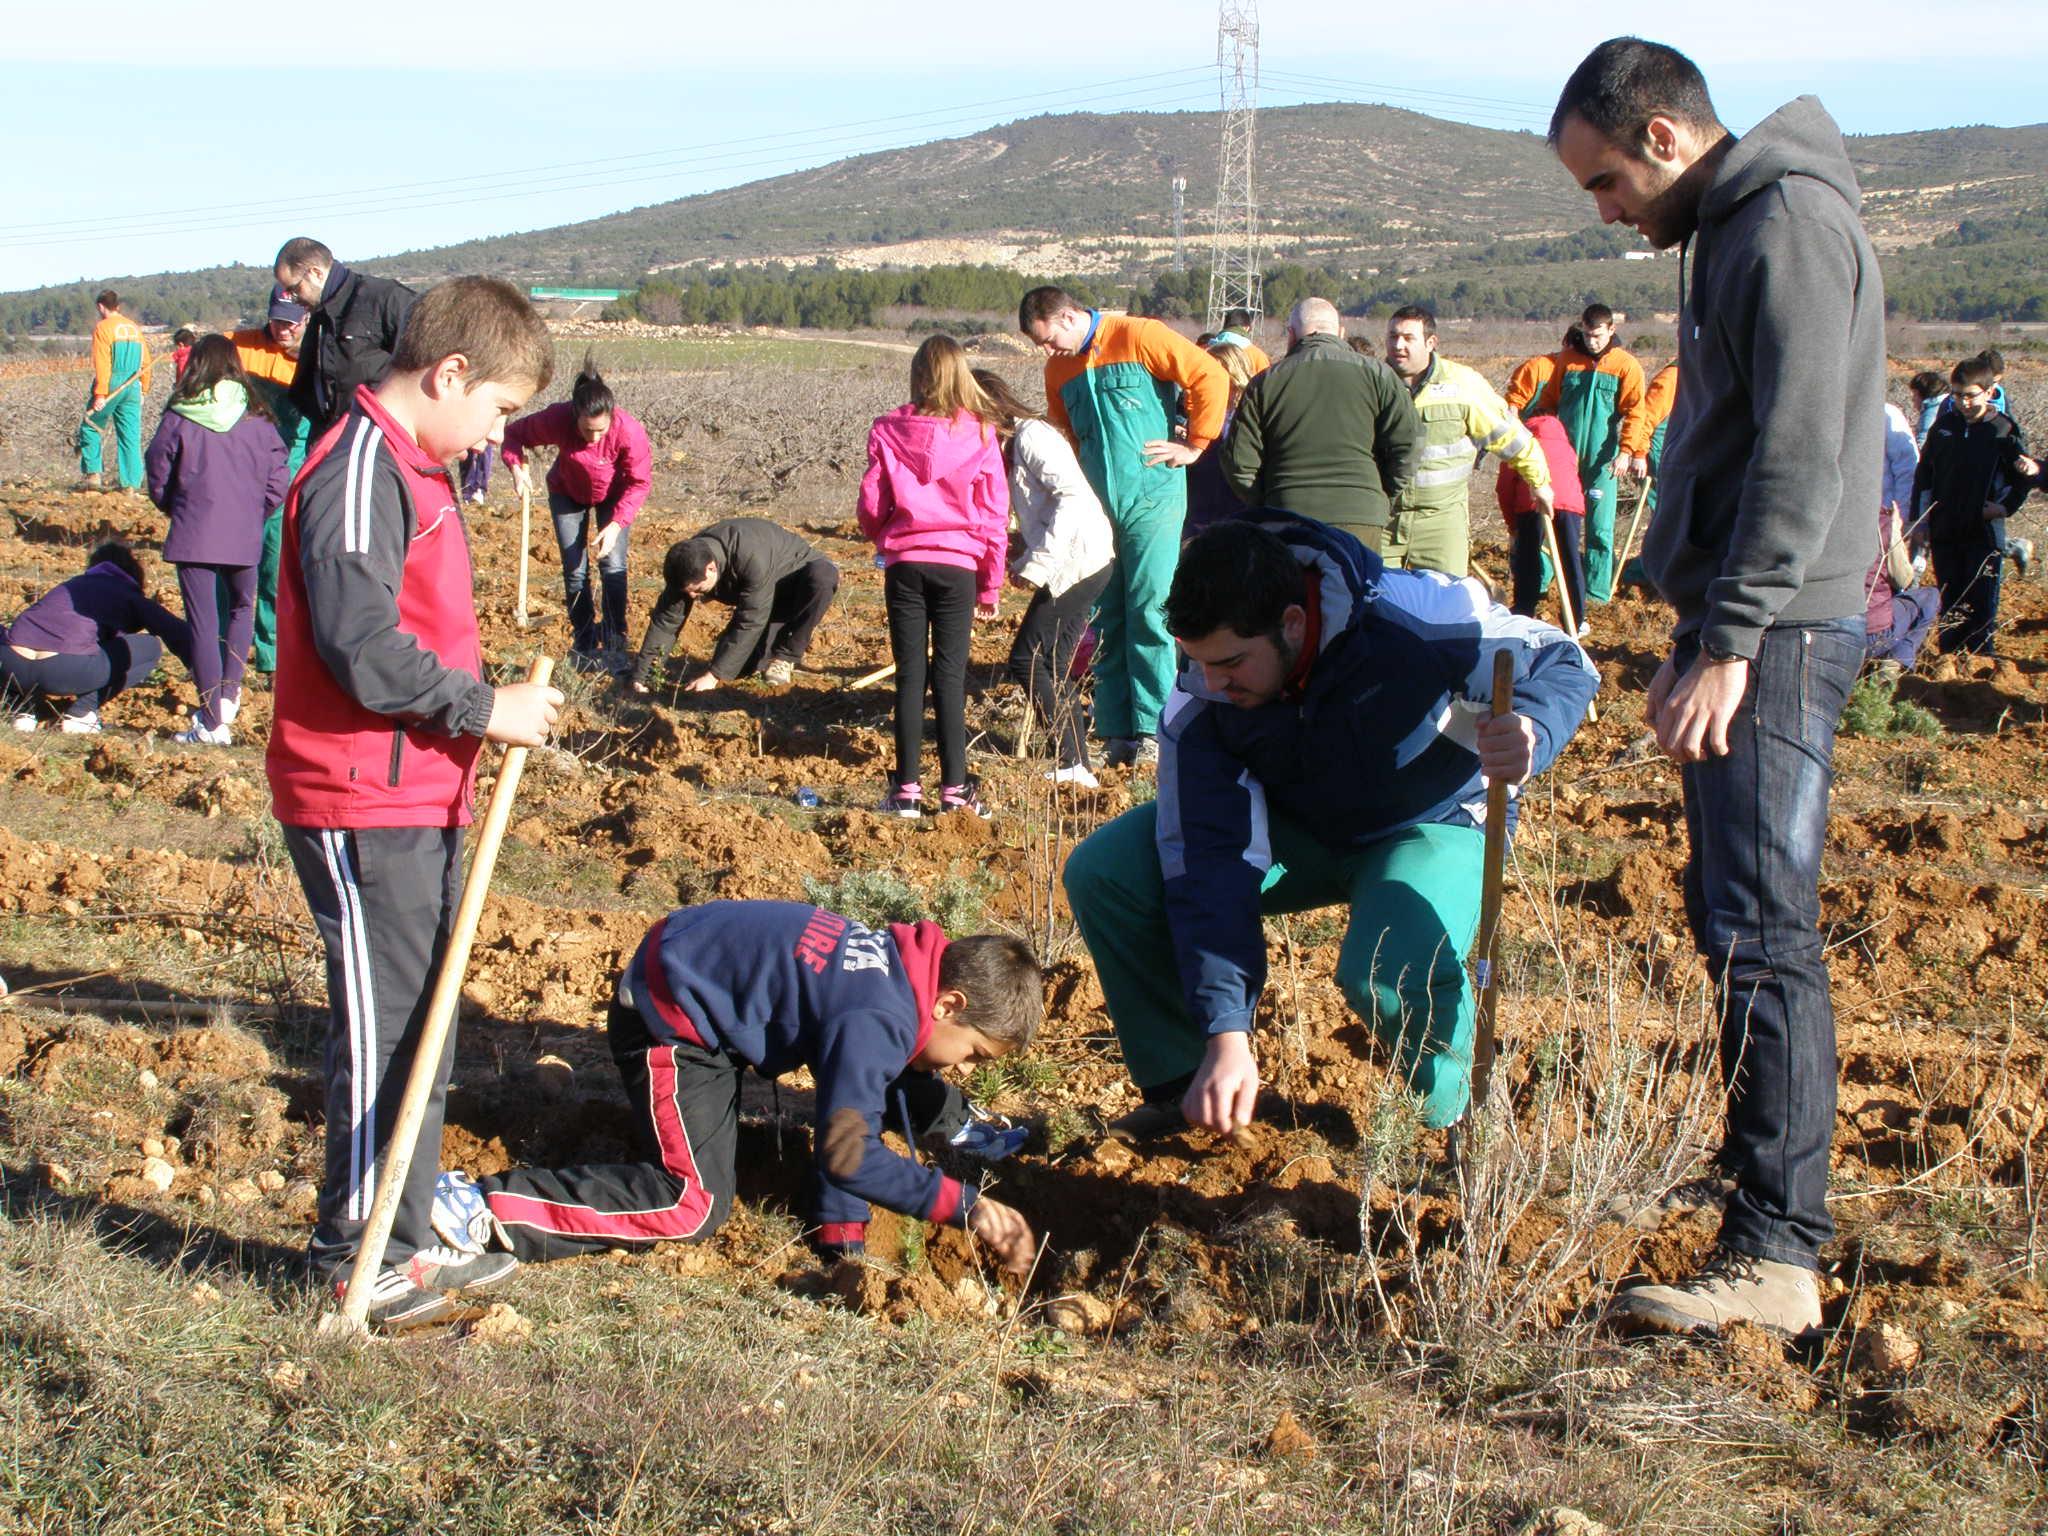 Actividades GRATUITAS para celebrar el Día del Árbol y el Día Mundial de los Humedales 2019